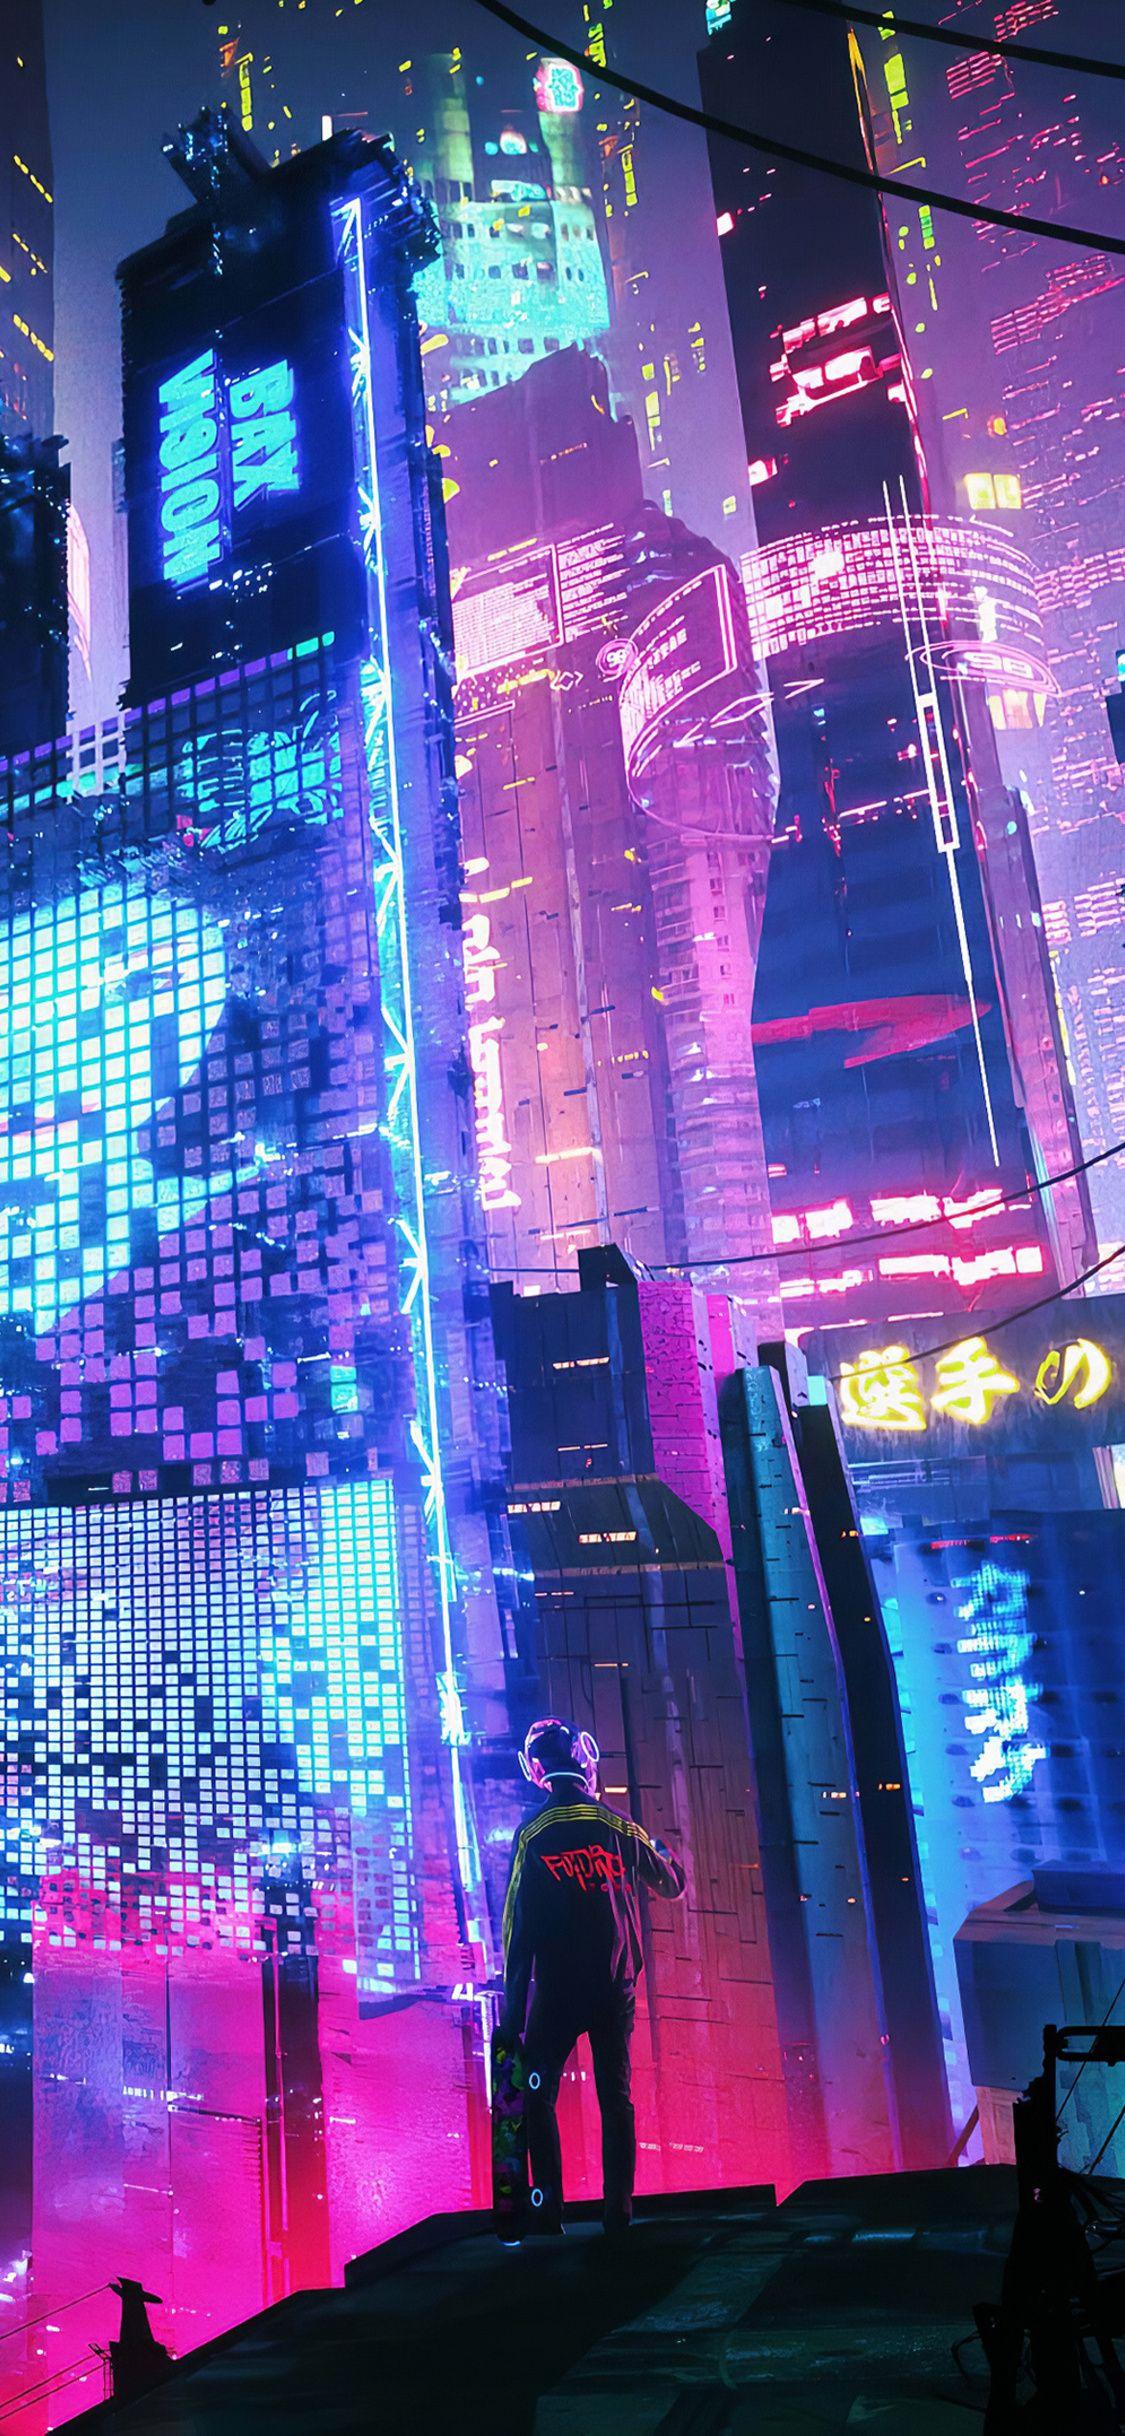 Neon 4k iPhone X Wallpapers - Wallpaper Cave